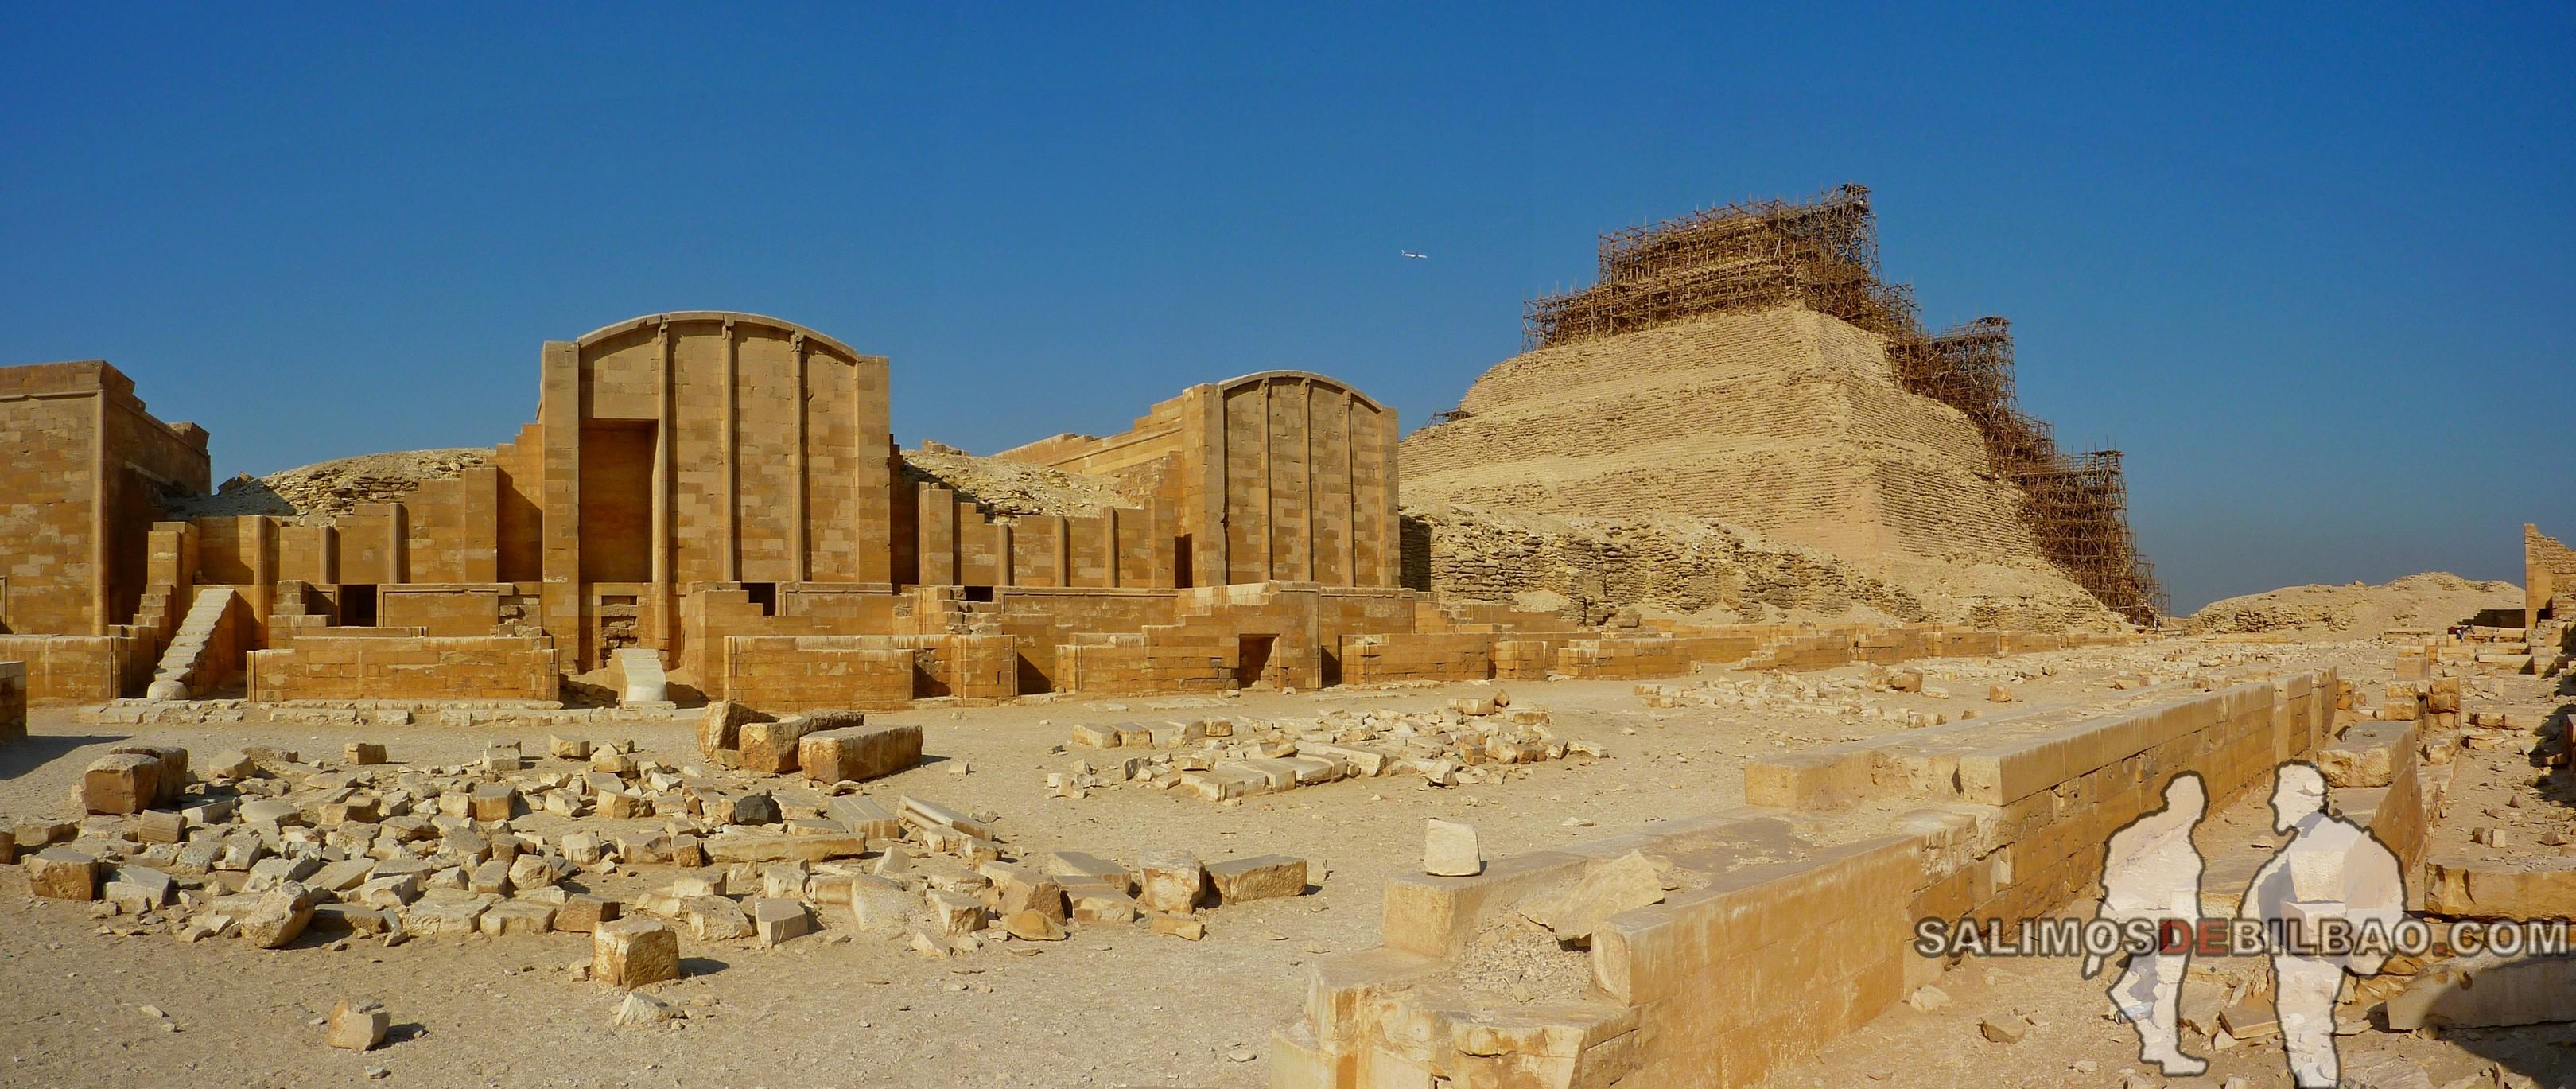 0308. Pano, Complejo de la Pirámide escalonada de Zoser, Saqqara